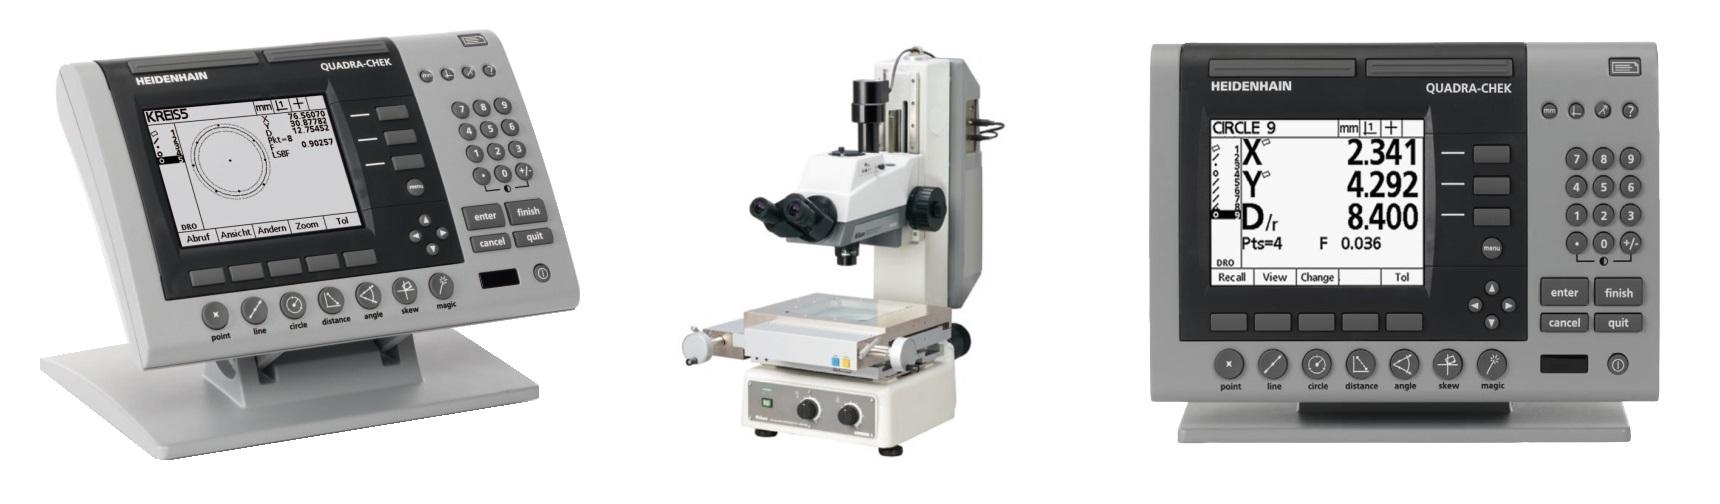 Купить измерительный микроскоп nikon mm 400 s